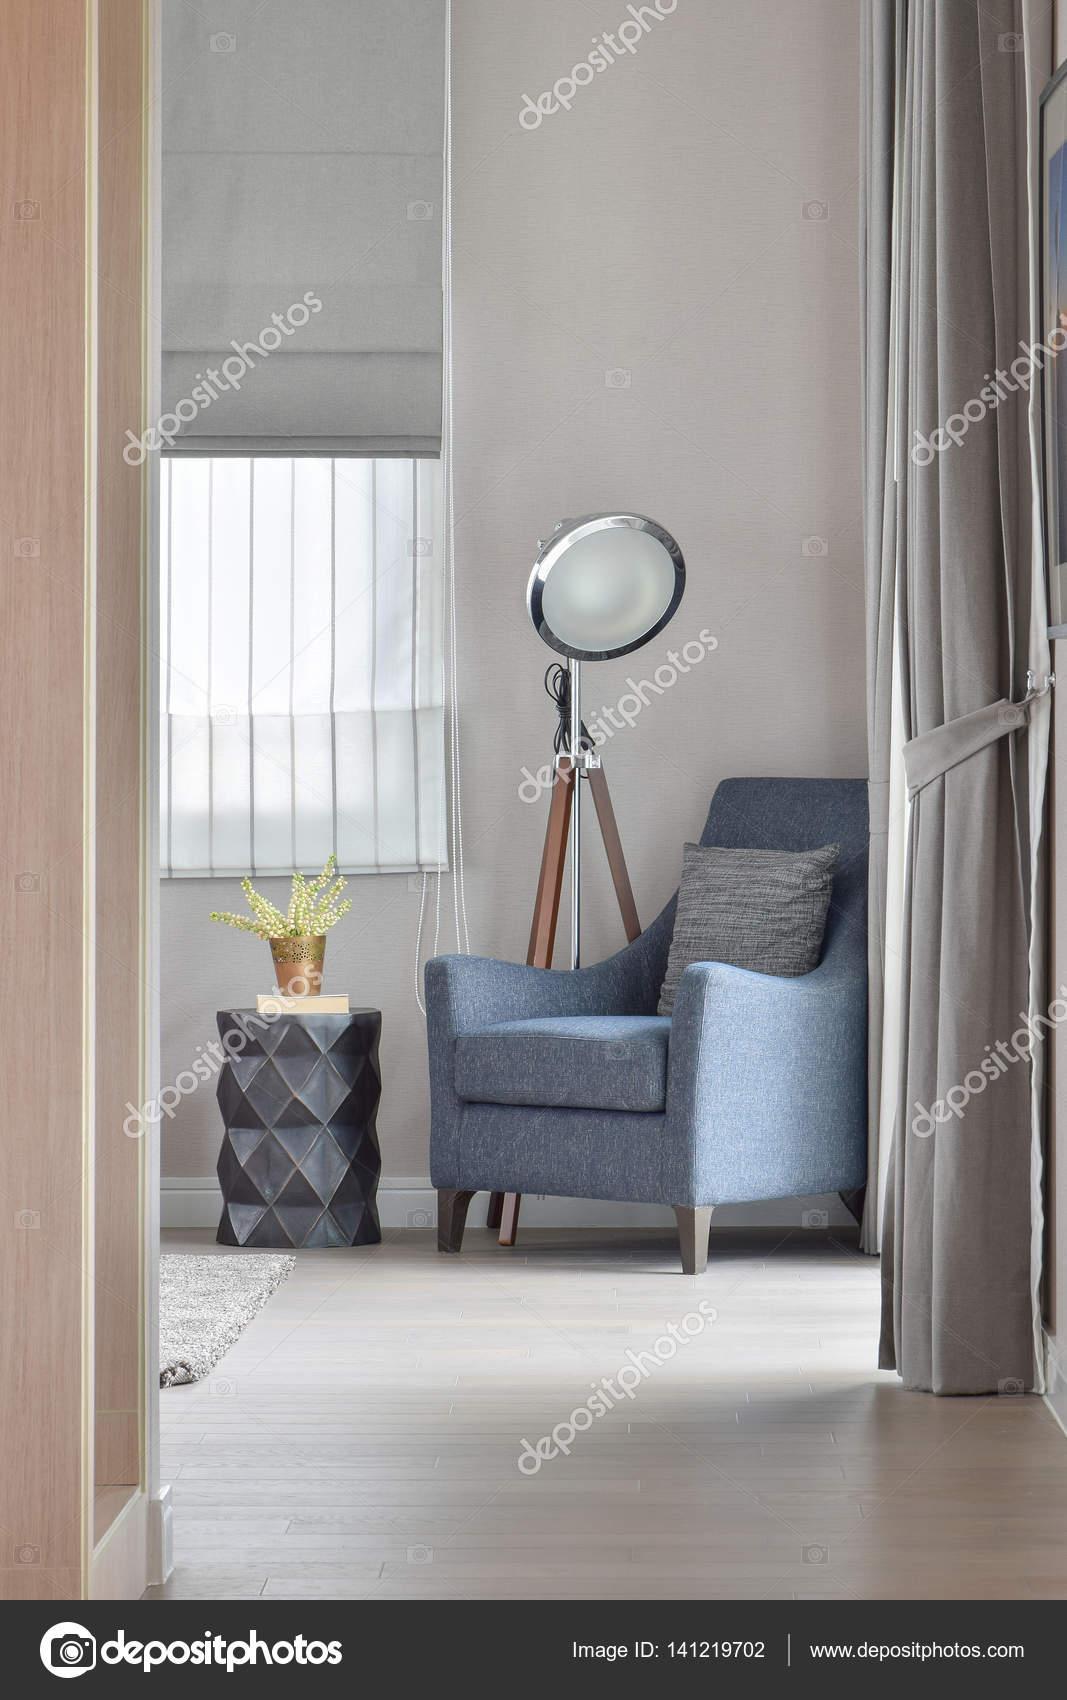 https://st3.depositphotos.com/6200870/14121/i/1600/depositphotos_141219702-stockafbeelding-diepblauwe-fauteuil-met-stijlvolle-staande.jpg